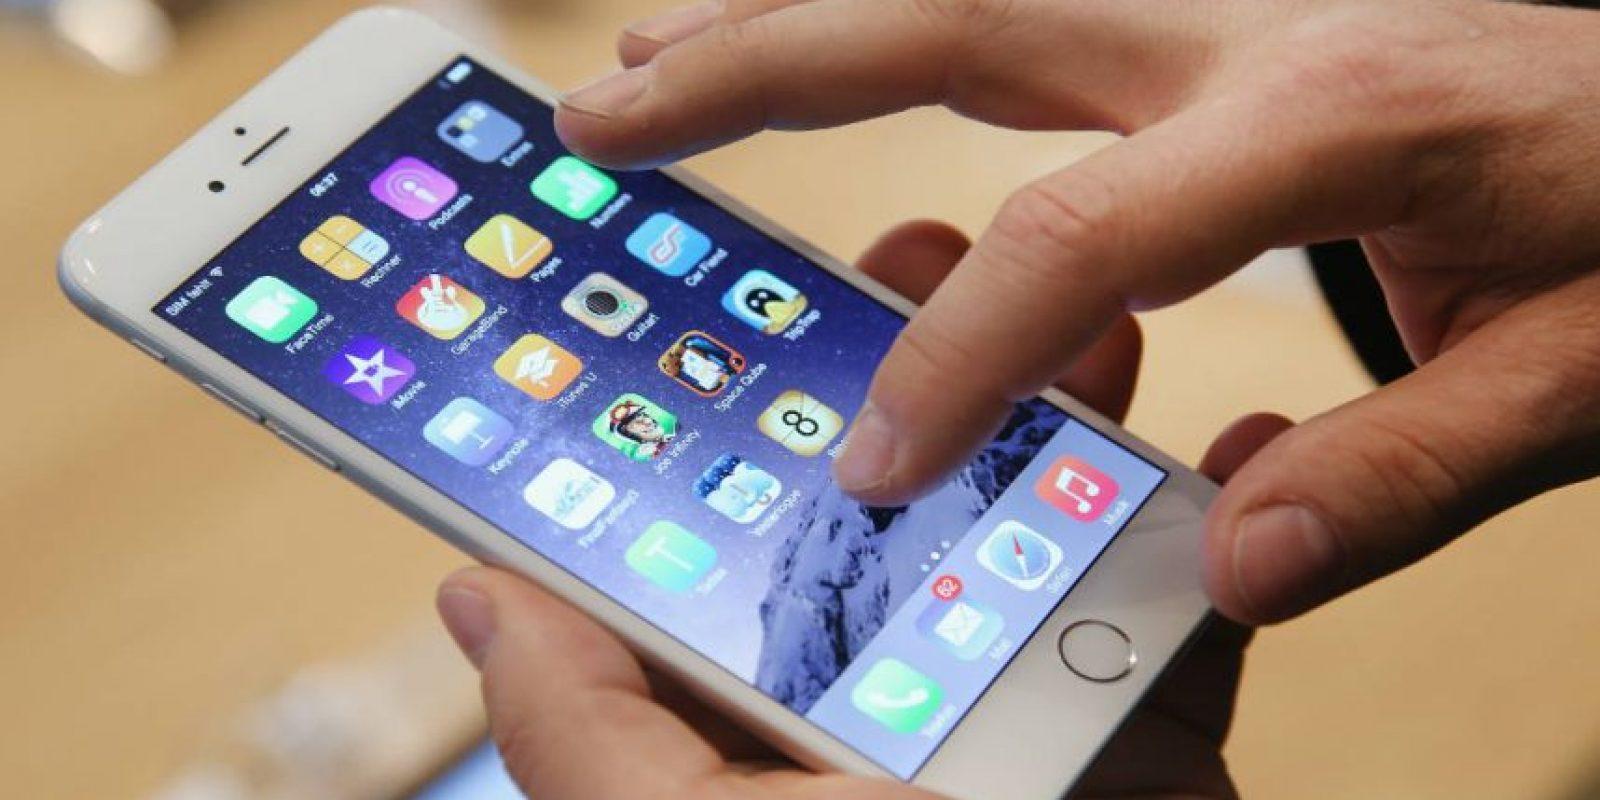 Aún no hay fecha específica para el lanzamiento del iPhone 7. Foto:Getty Images